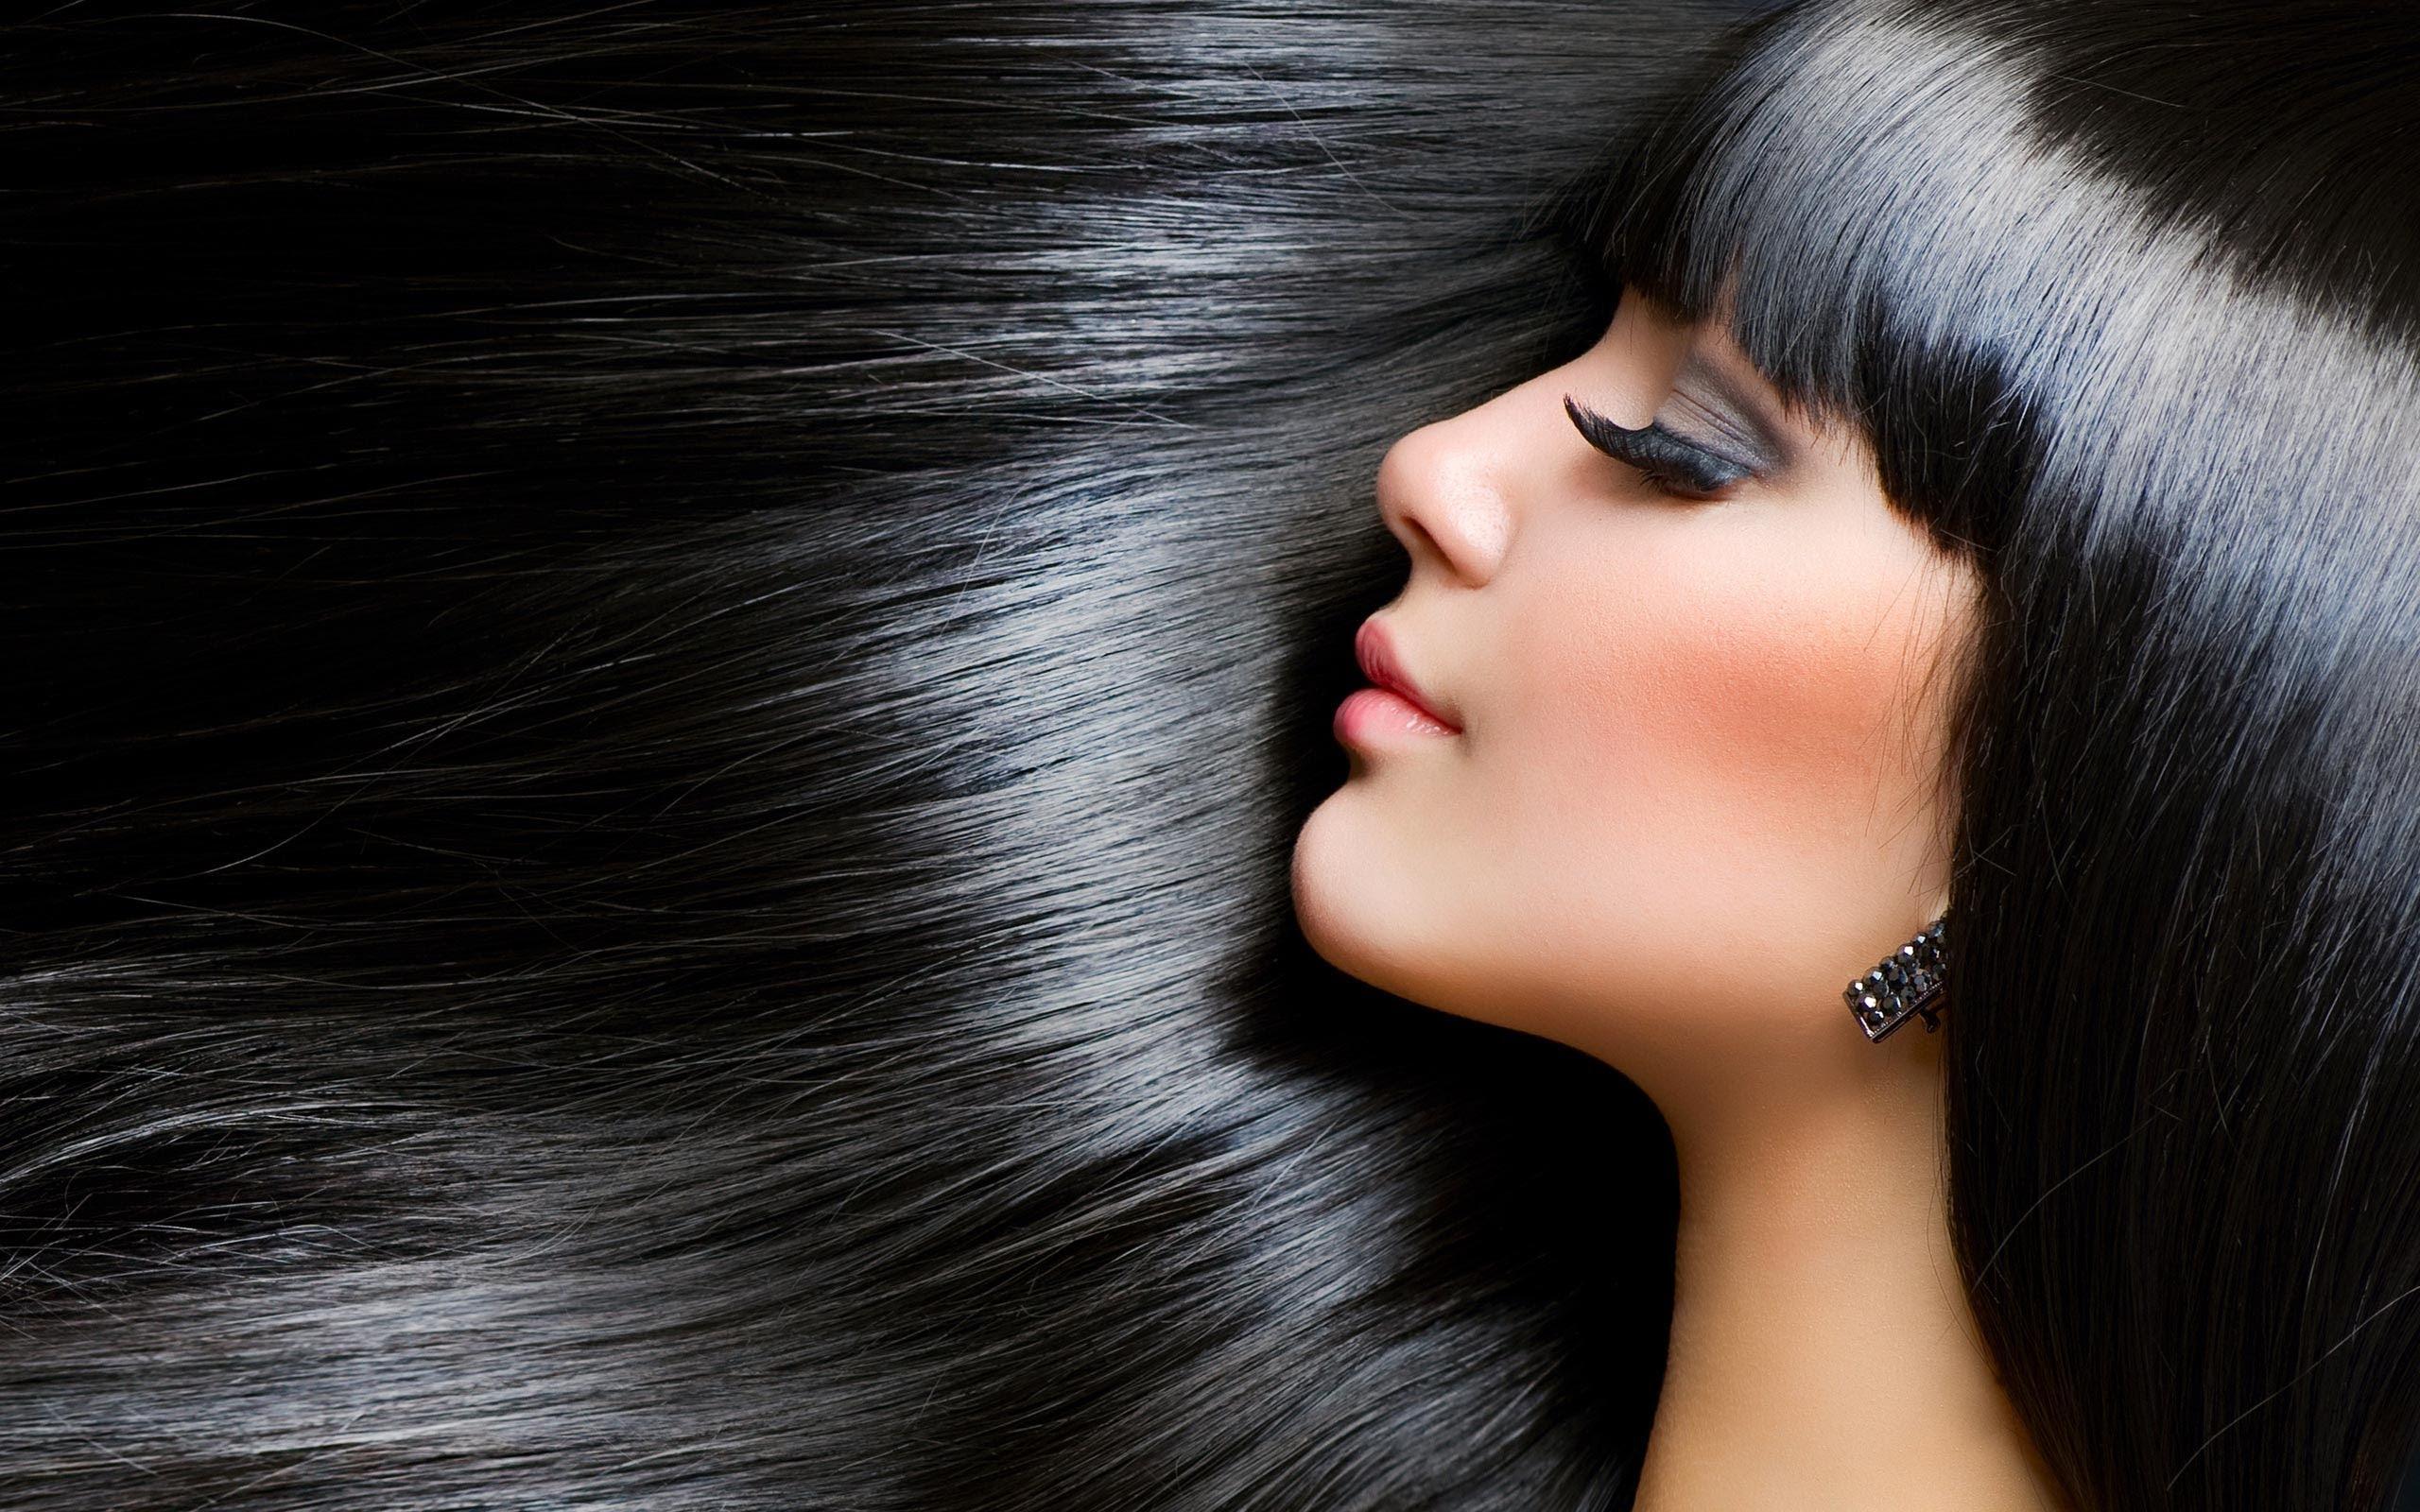 وصفات طبيعية لصبغ الشعر باللون البني والأسود